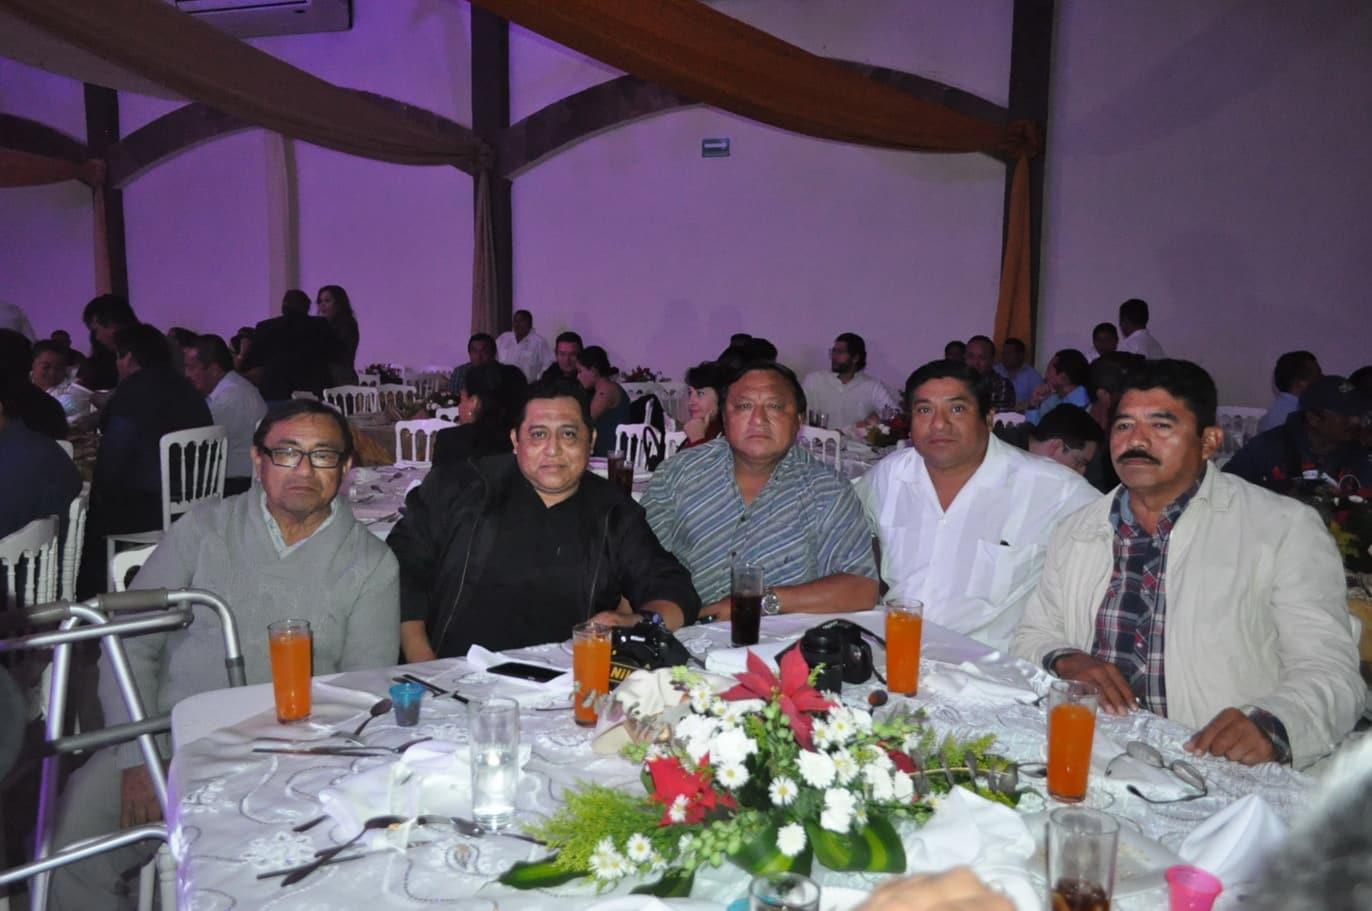 Carlos Colonia, Moisés Cante, Arsenio Chan, Francisco Uc y Juan Rodríguez.